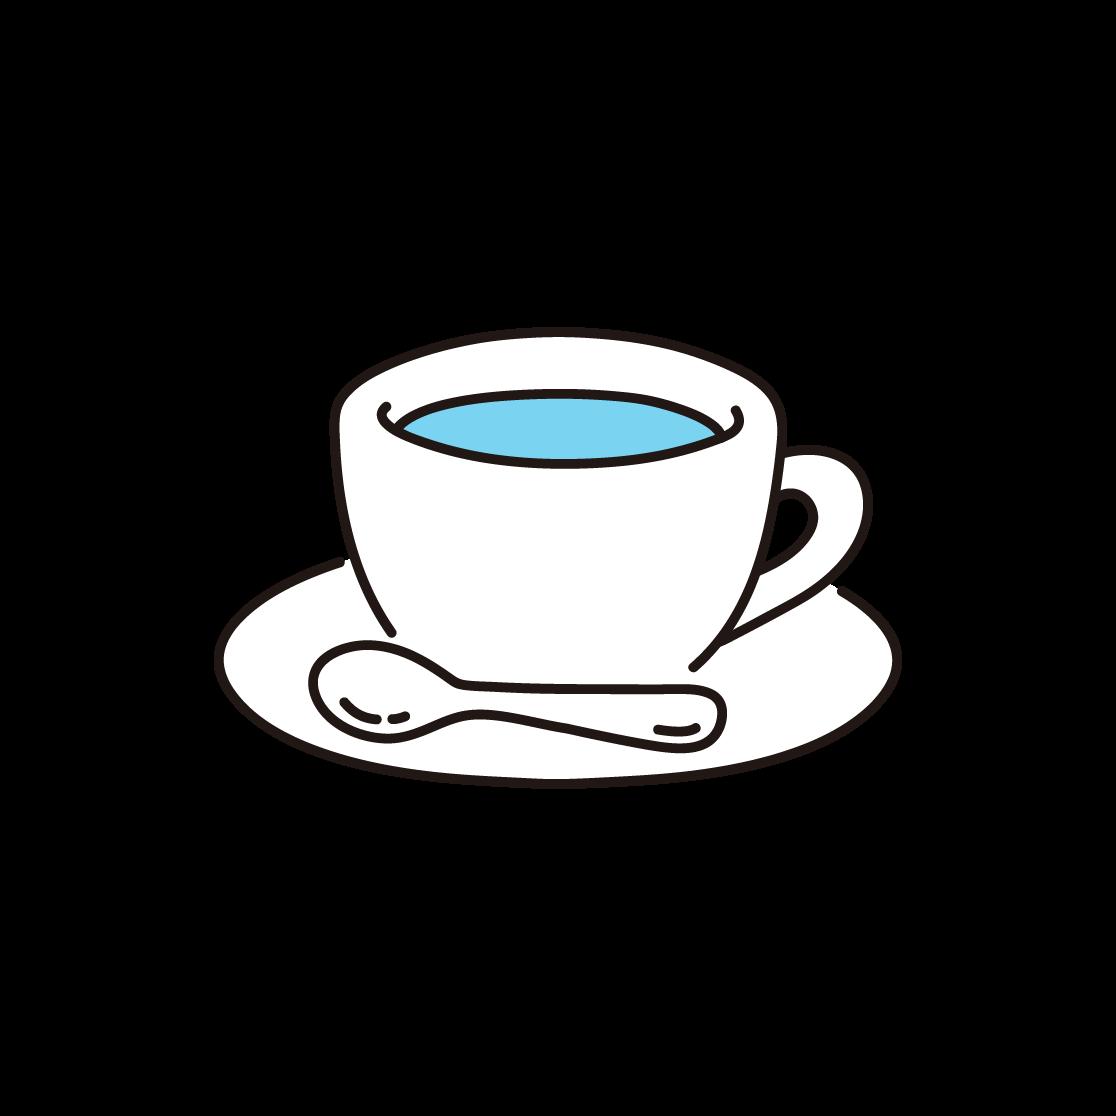 コーヒーの単色イラスト